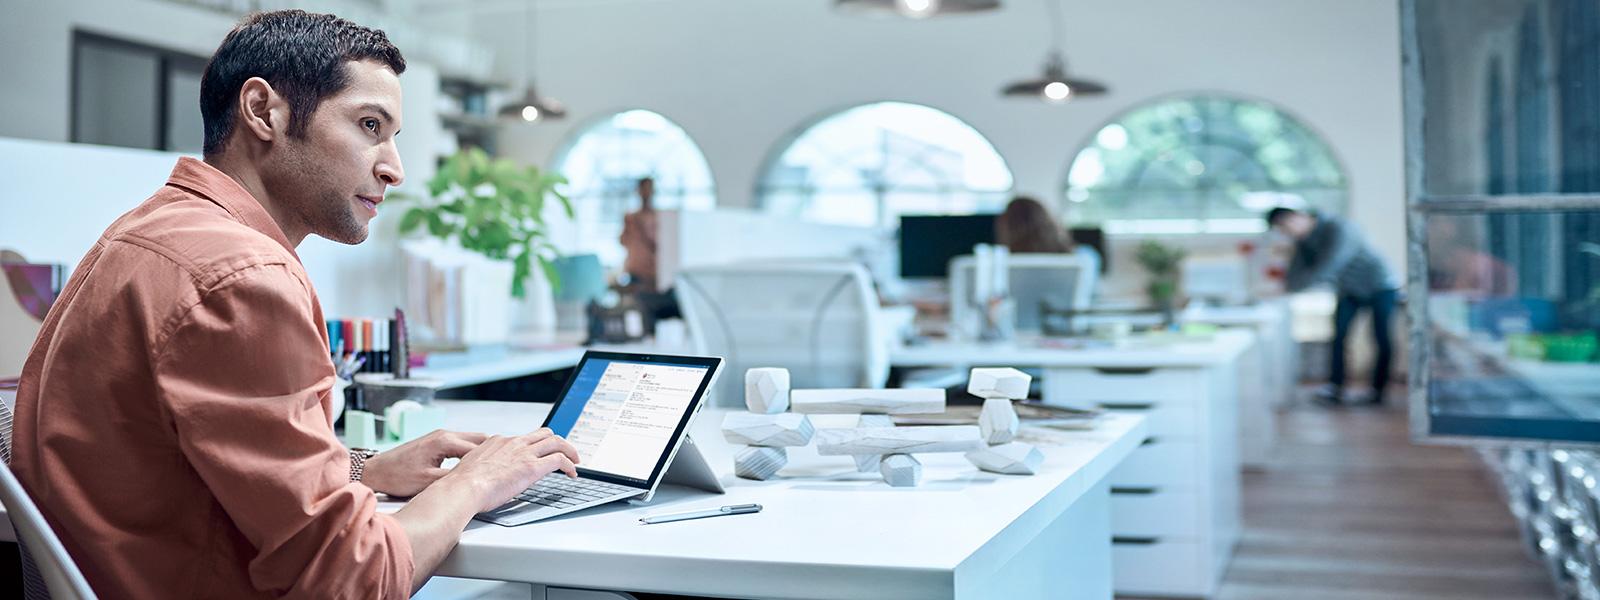 デスクの上に置かれた Surface Pro 4、大画面、そしてキーボード。